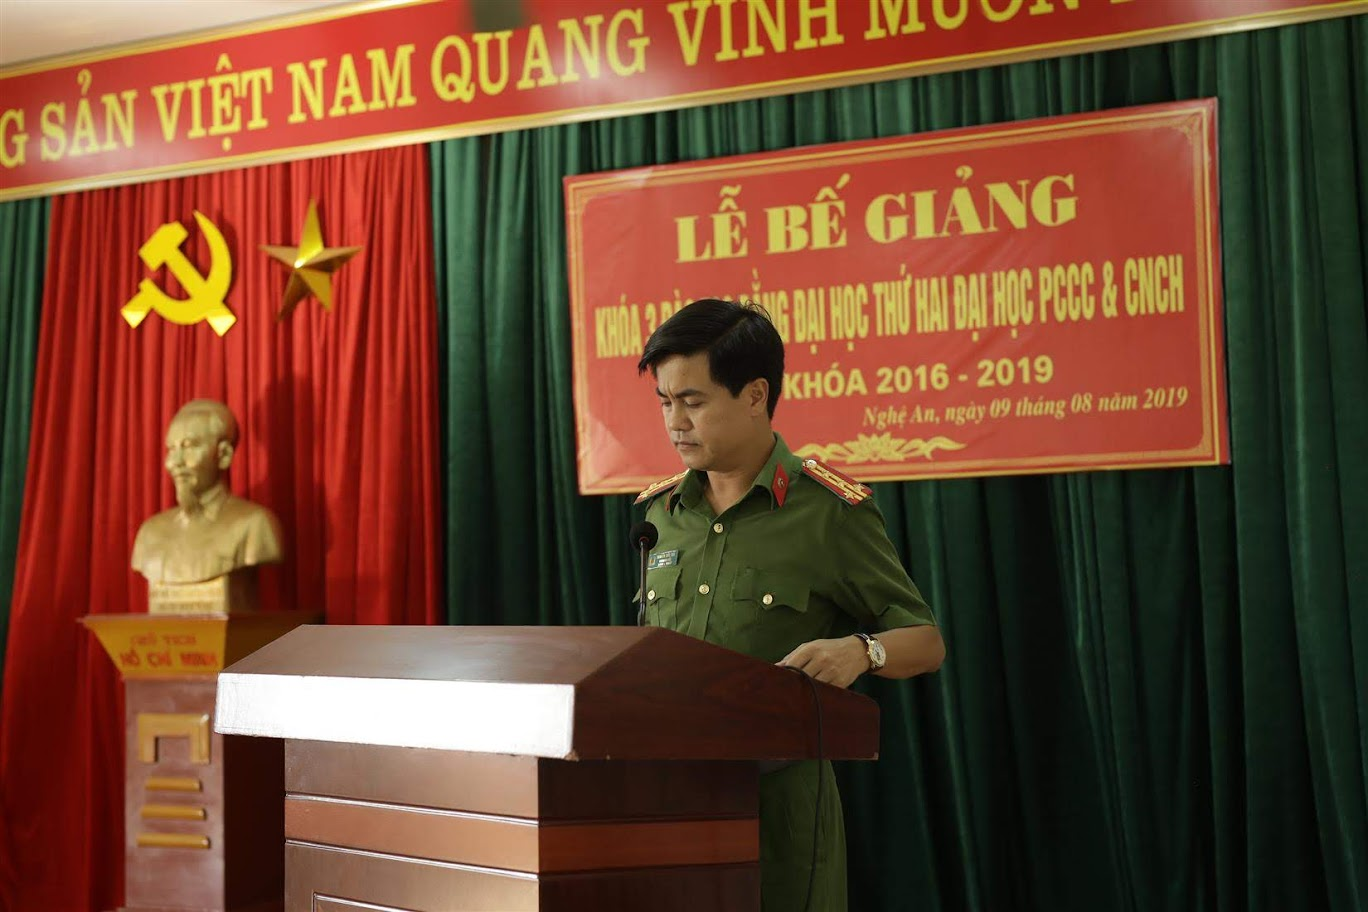 Đồng chí Đại tá Nguyễn Đức Hải – Phó Giám đốc Công an tỉnh Nghệ An chúc mừng các học viên tốt nghiệp.